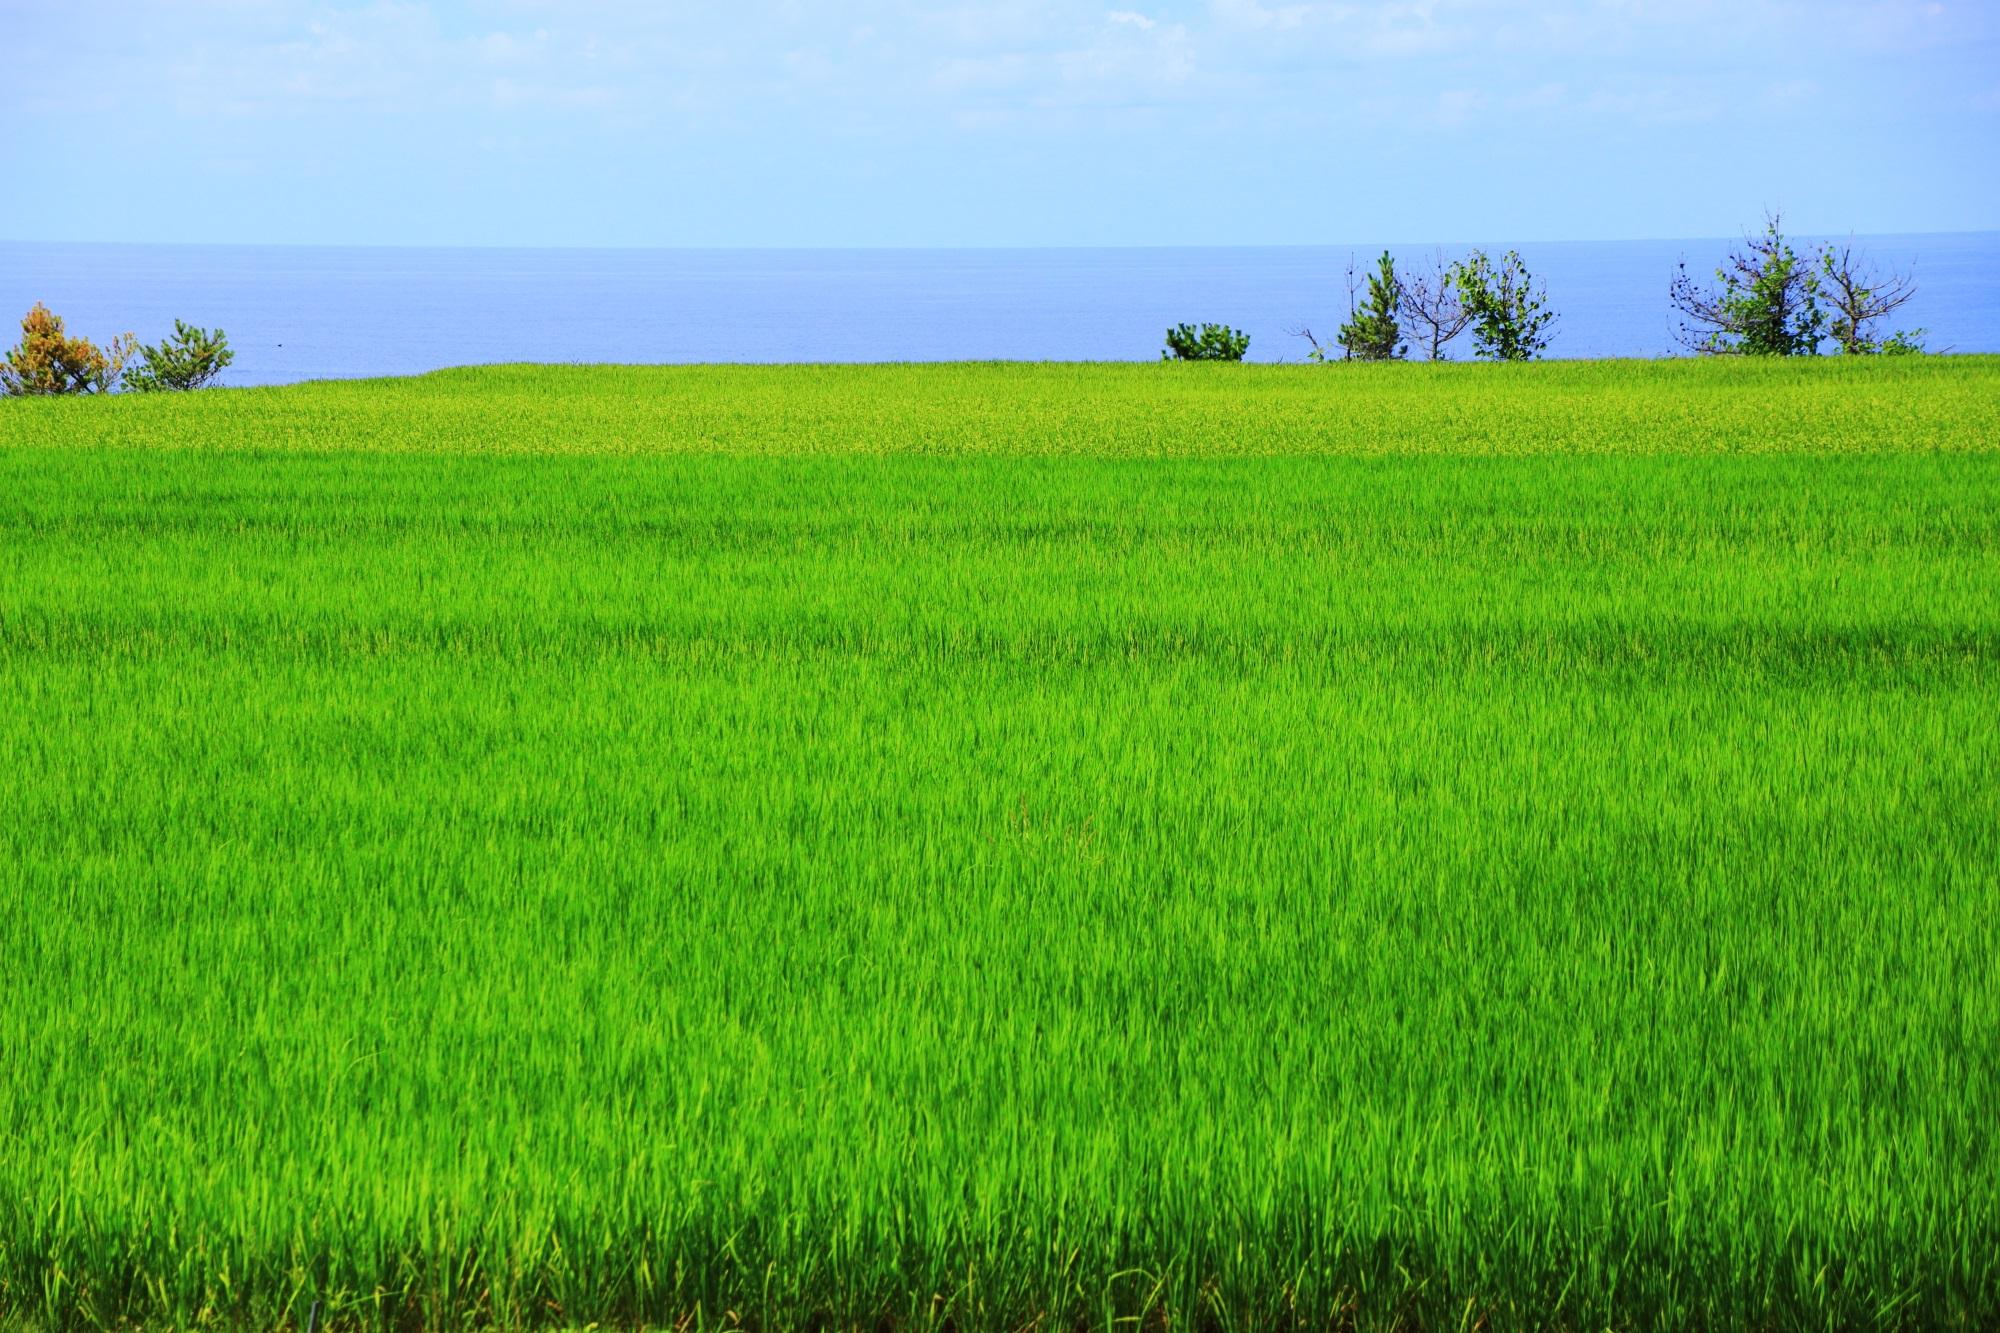 田園の綺麗な緑と日本海の景色